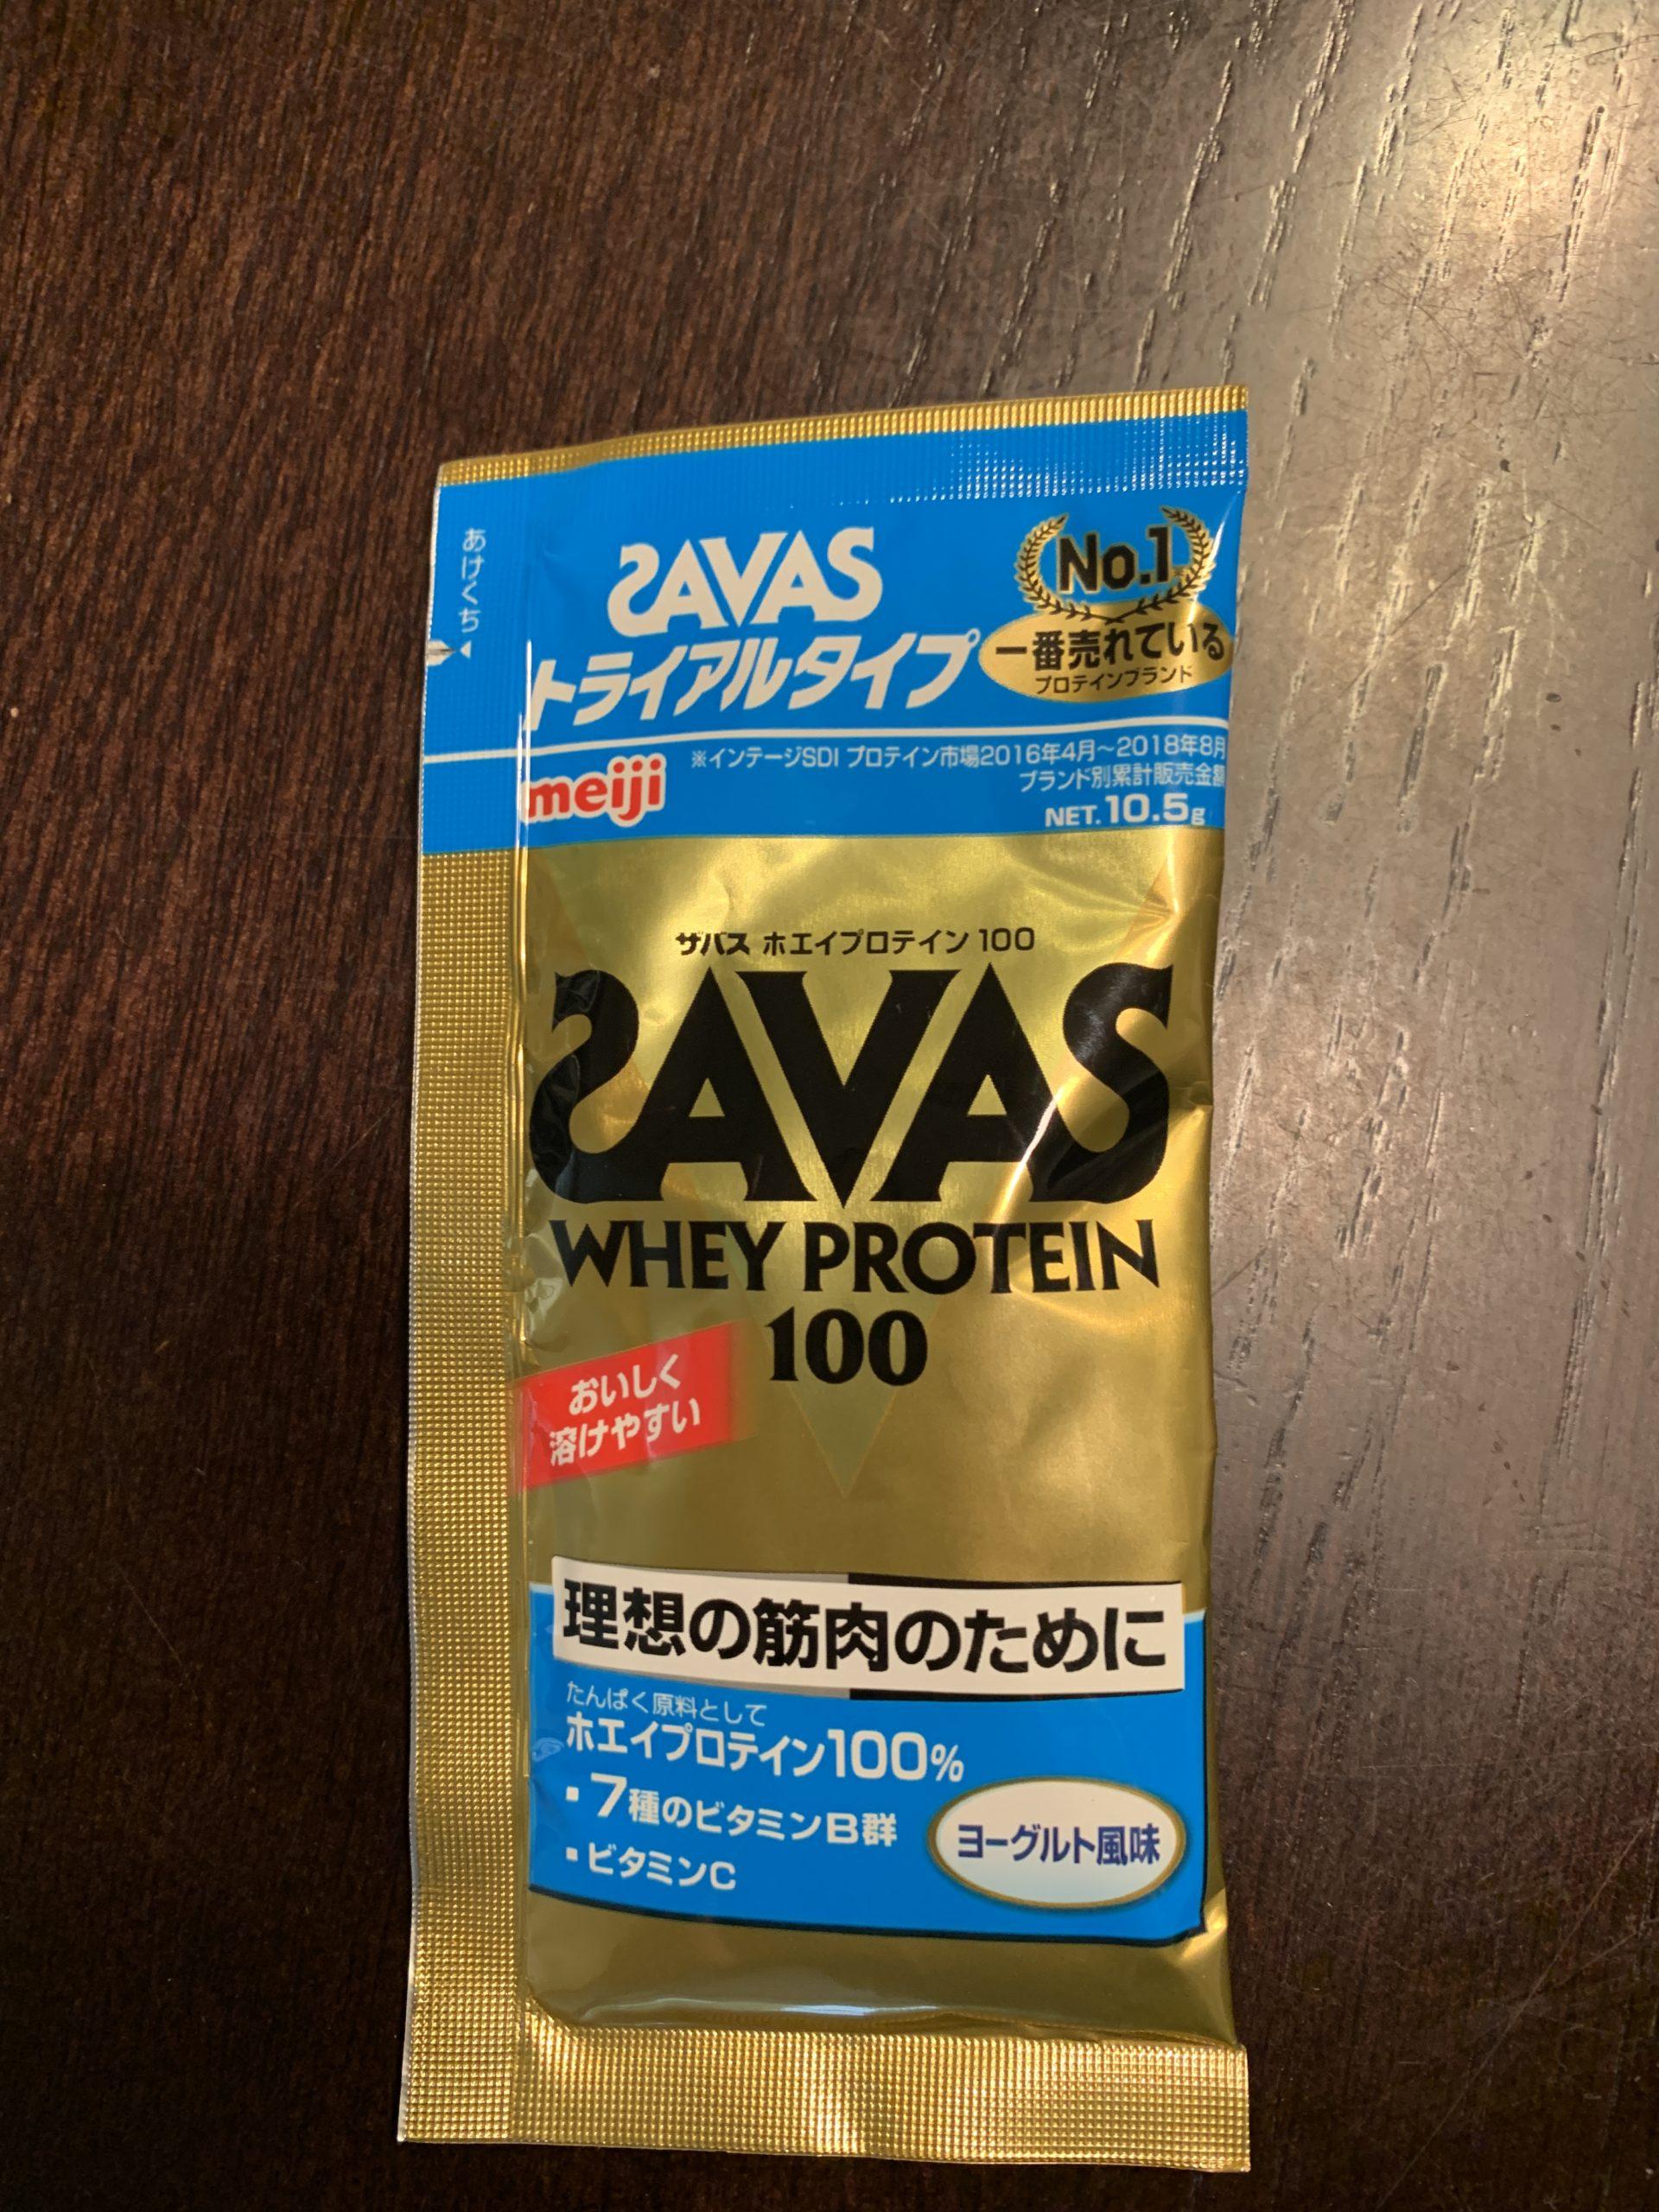 【ザバス】ホエイプロテイン100「ヨーグルト風味」評価データ